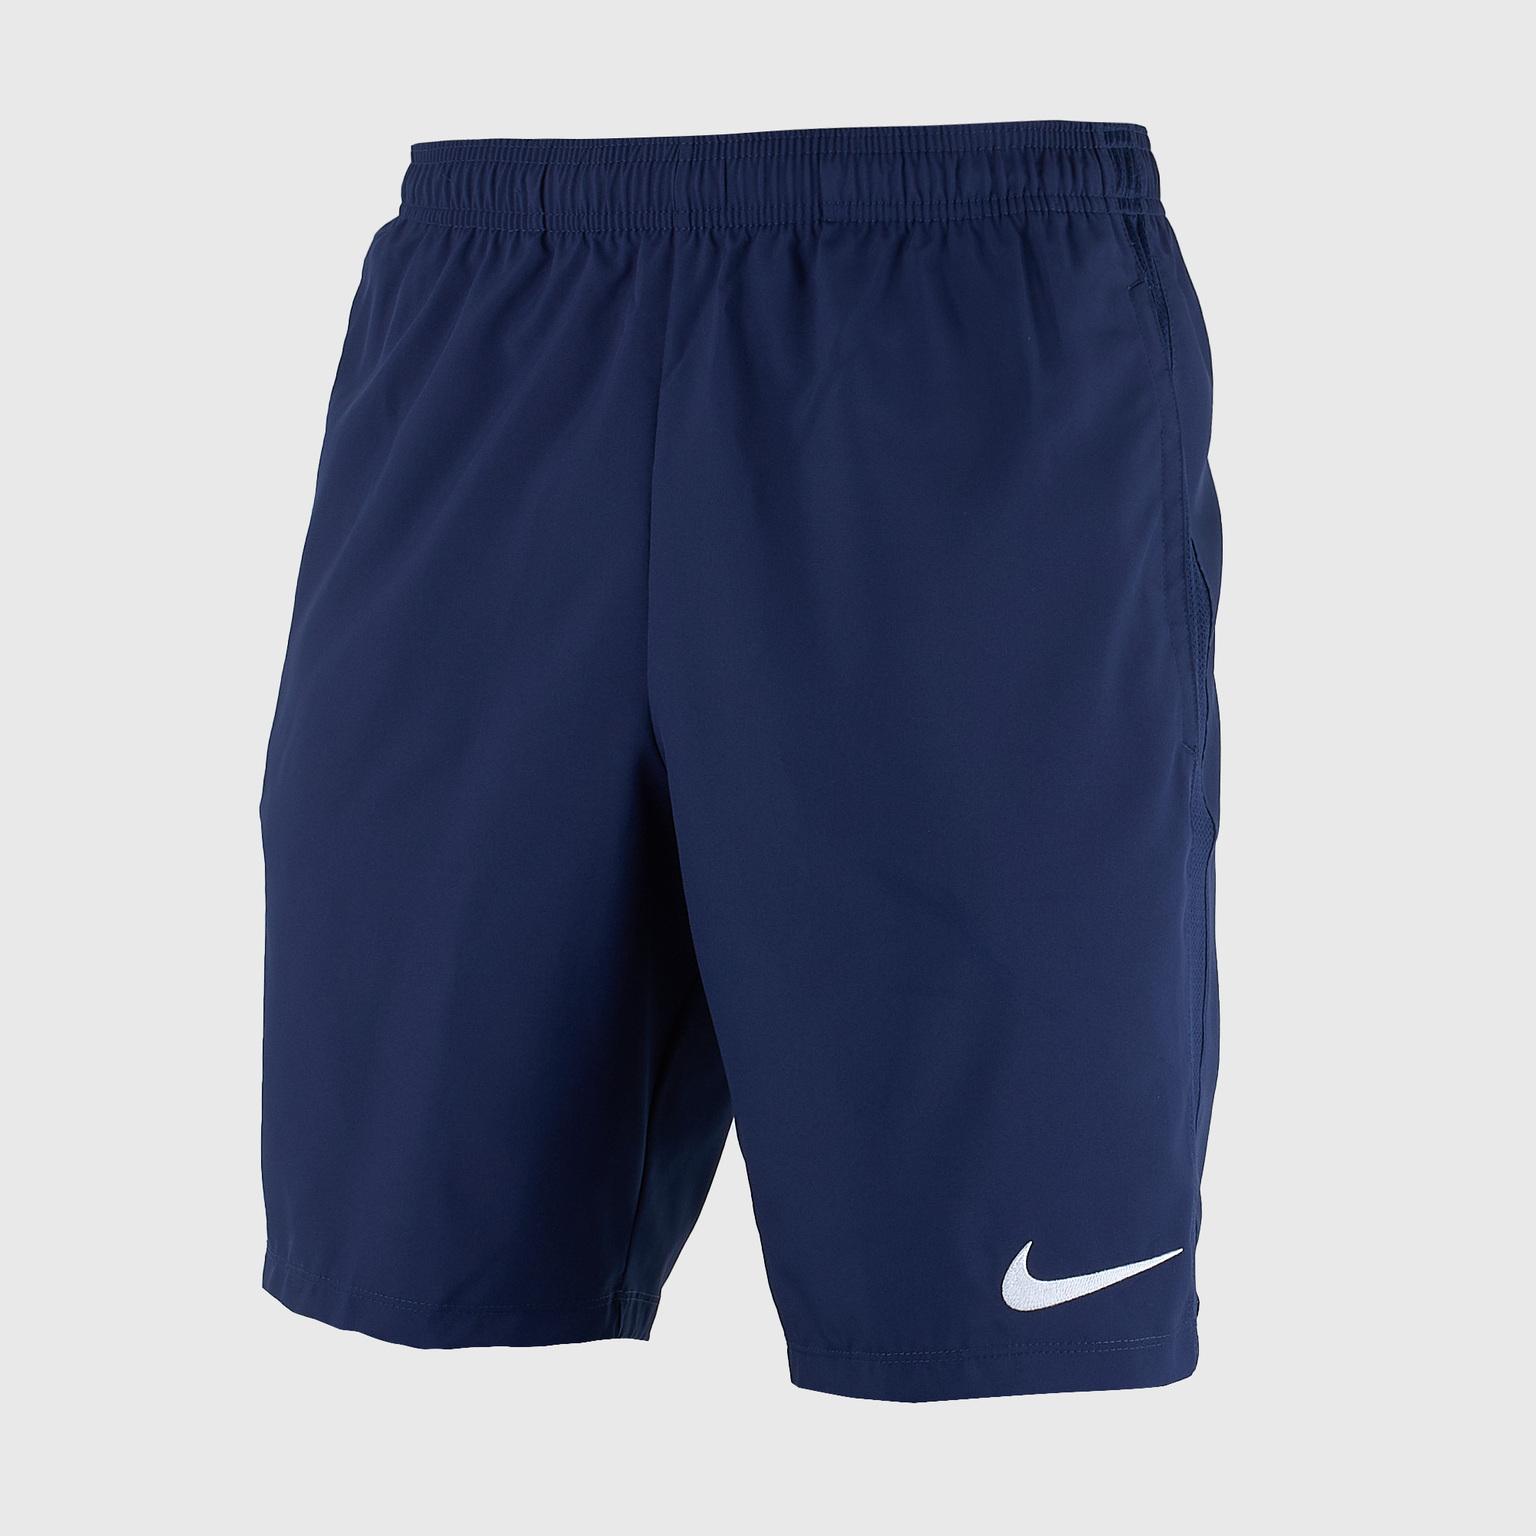 Шорты тренировочные Nike Dry Academy18 Short WZ 893787-451 nike брюки тренировочные nike strike pnt wp wz 688393 011